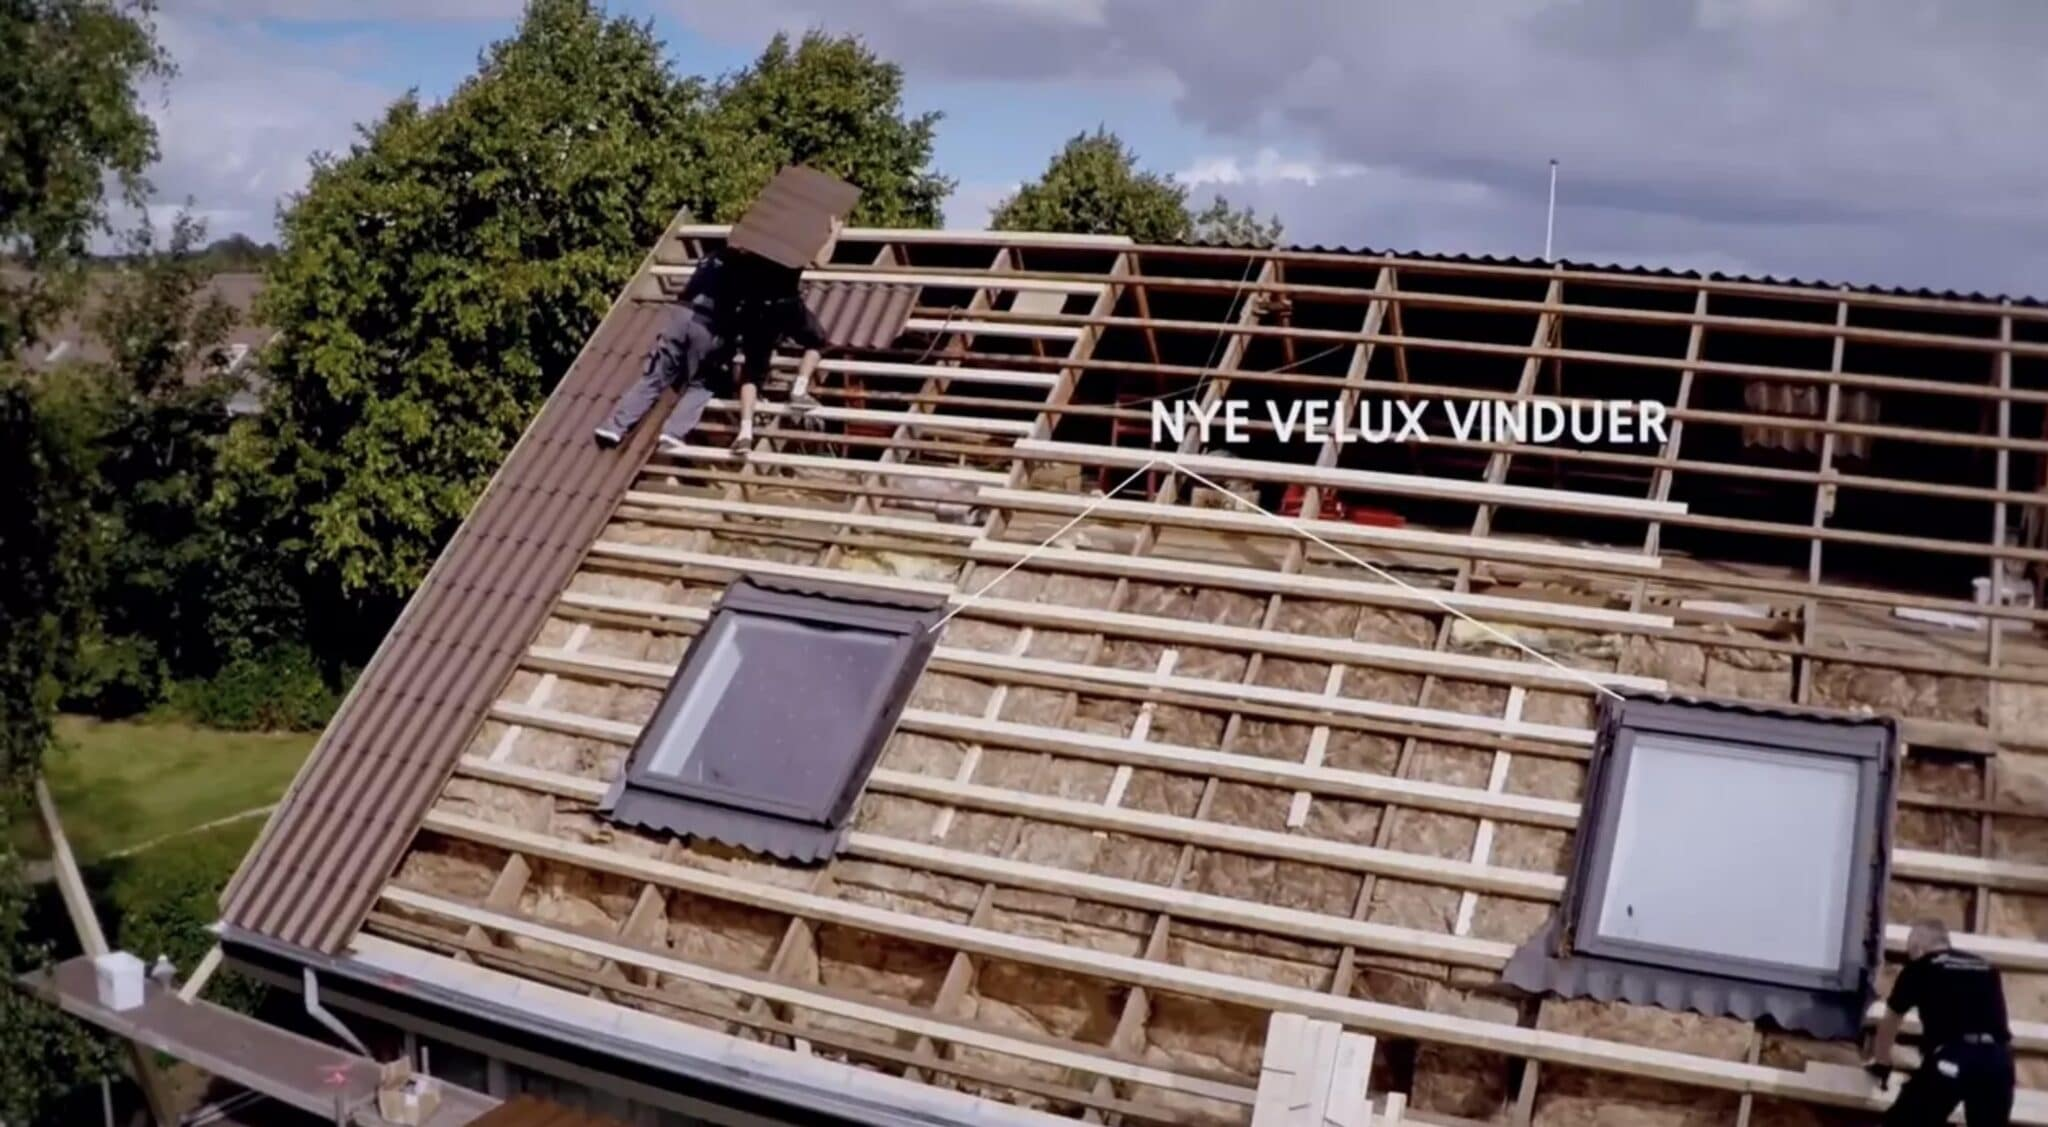 Nye Velux vinduer